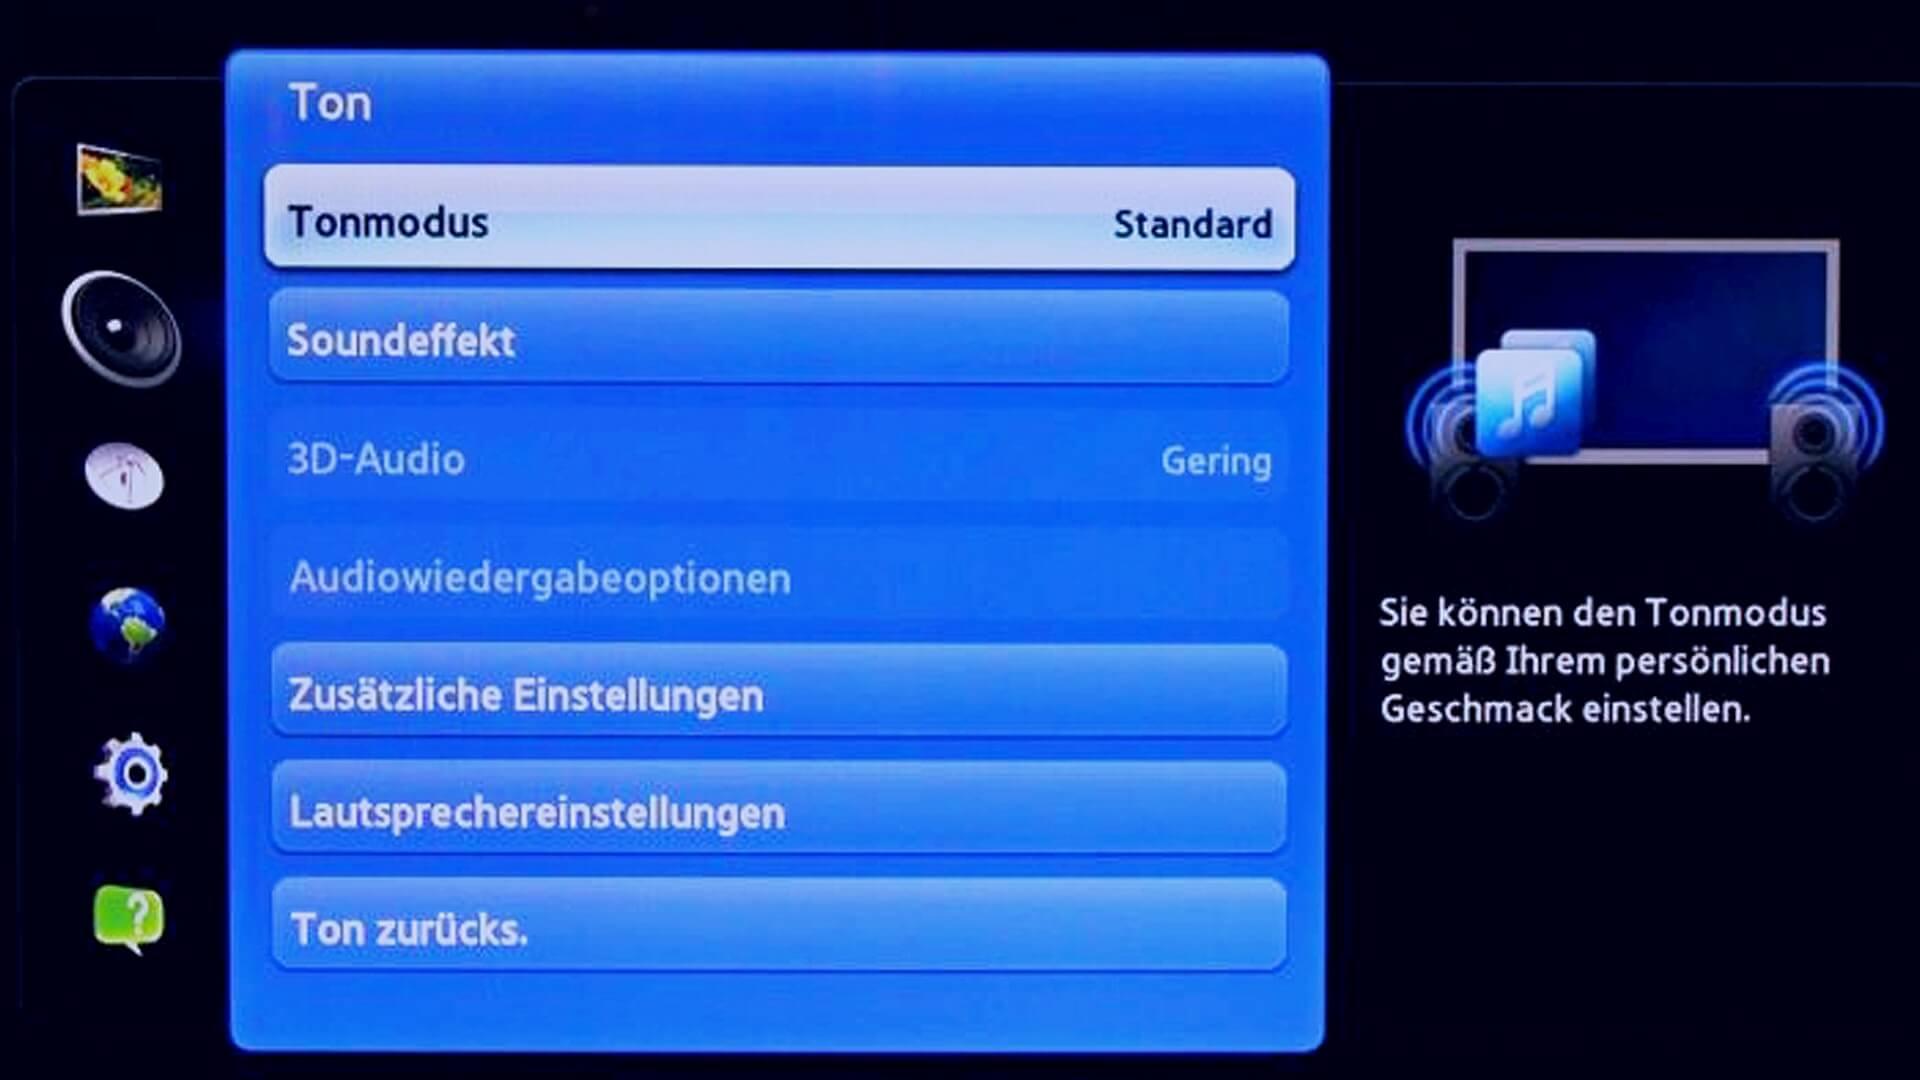 TV_Lautsprecher_Einstellungen_Heimkino-de